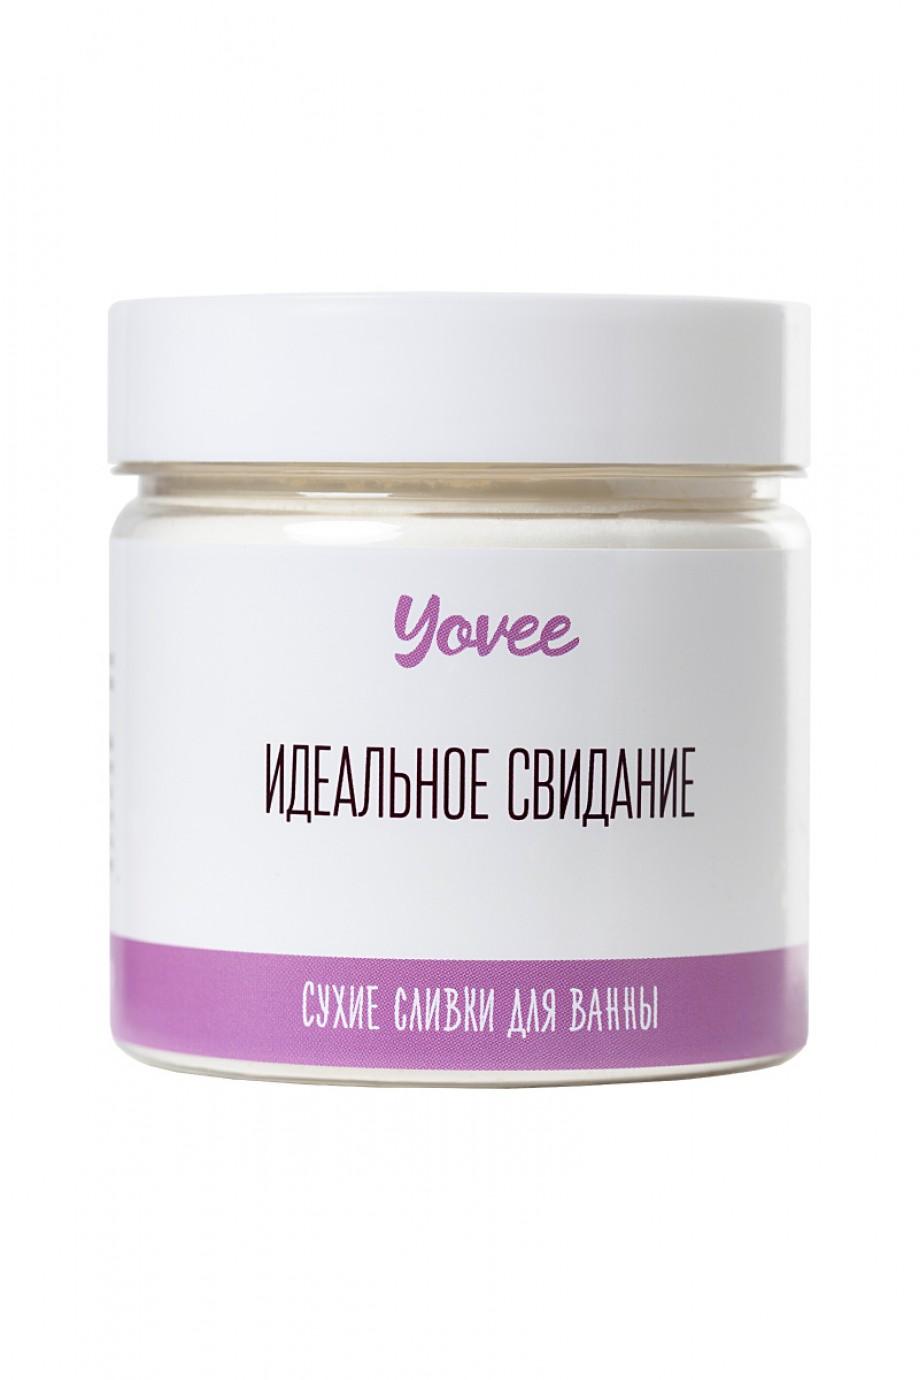 Сухие сливки для ванны Yovee by Toyfa «Нырнуть в зефирки», с ароматом зефира и ванили